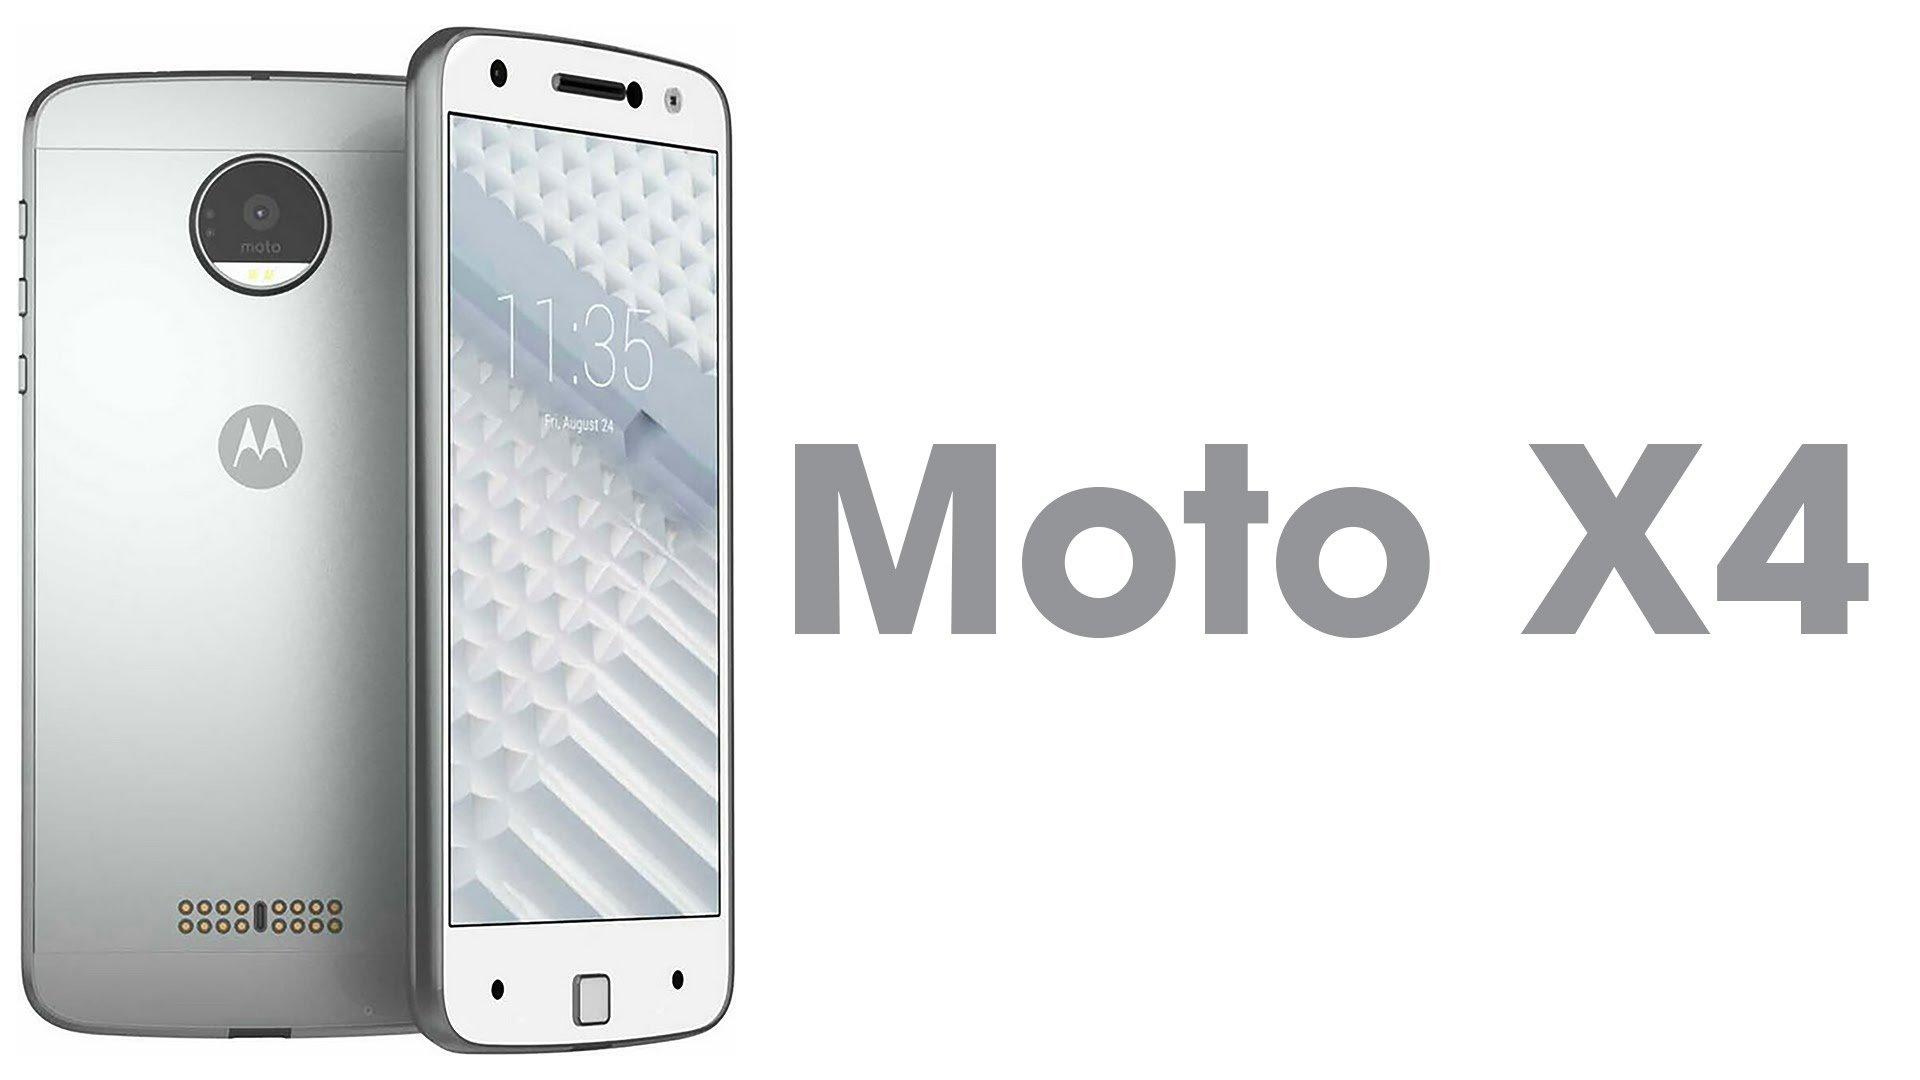 Motorola готовится к презентации новых смартфонов 25 июля